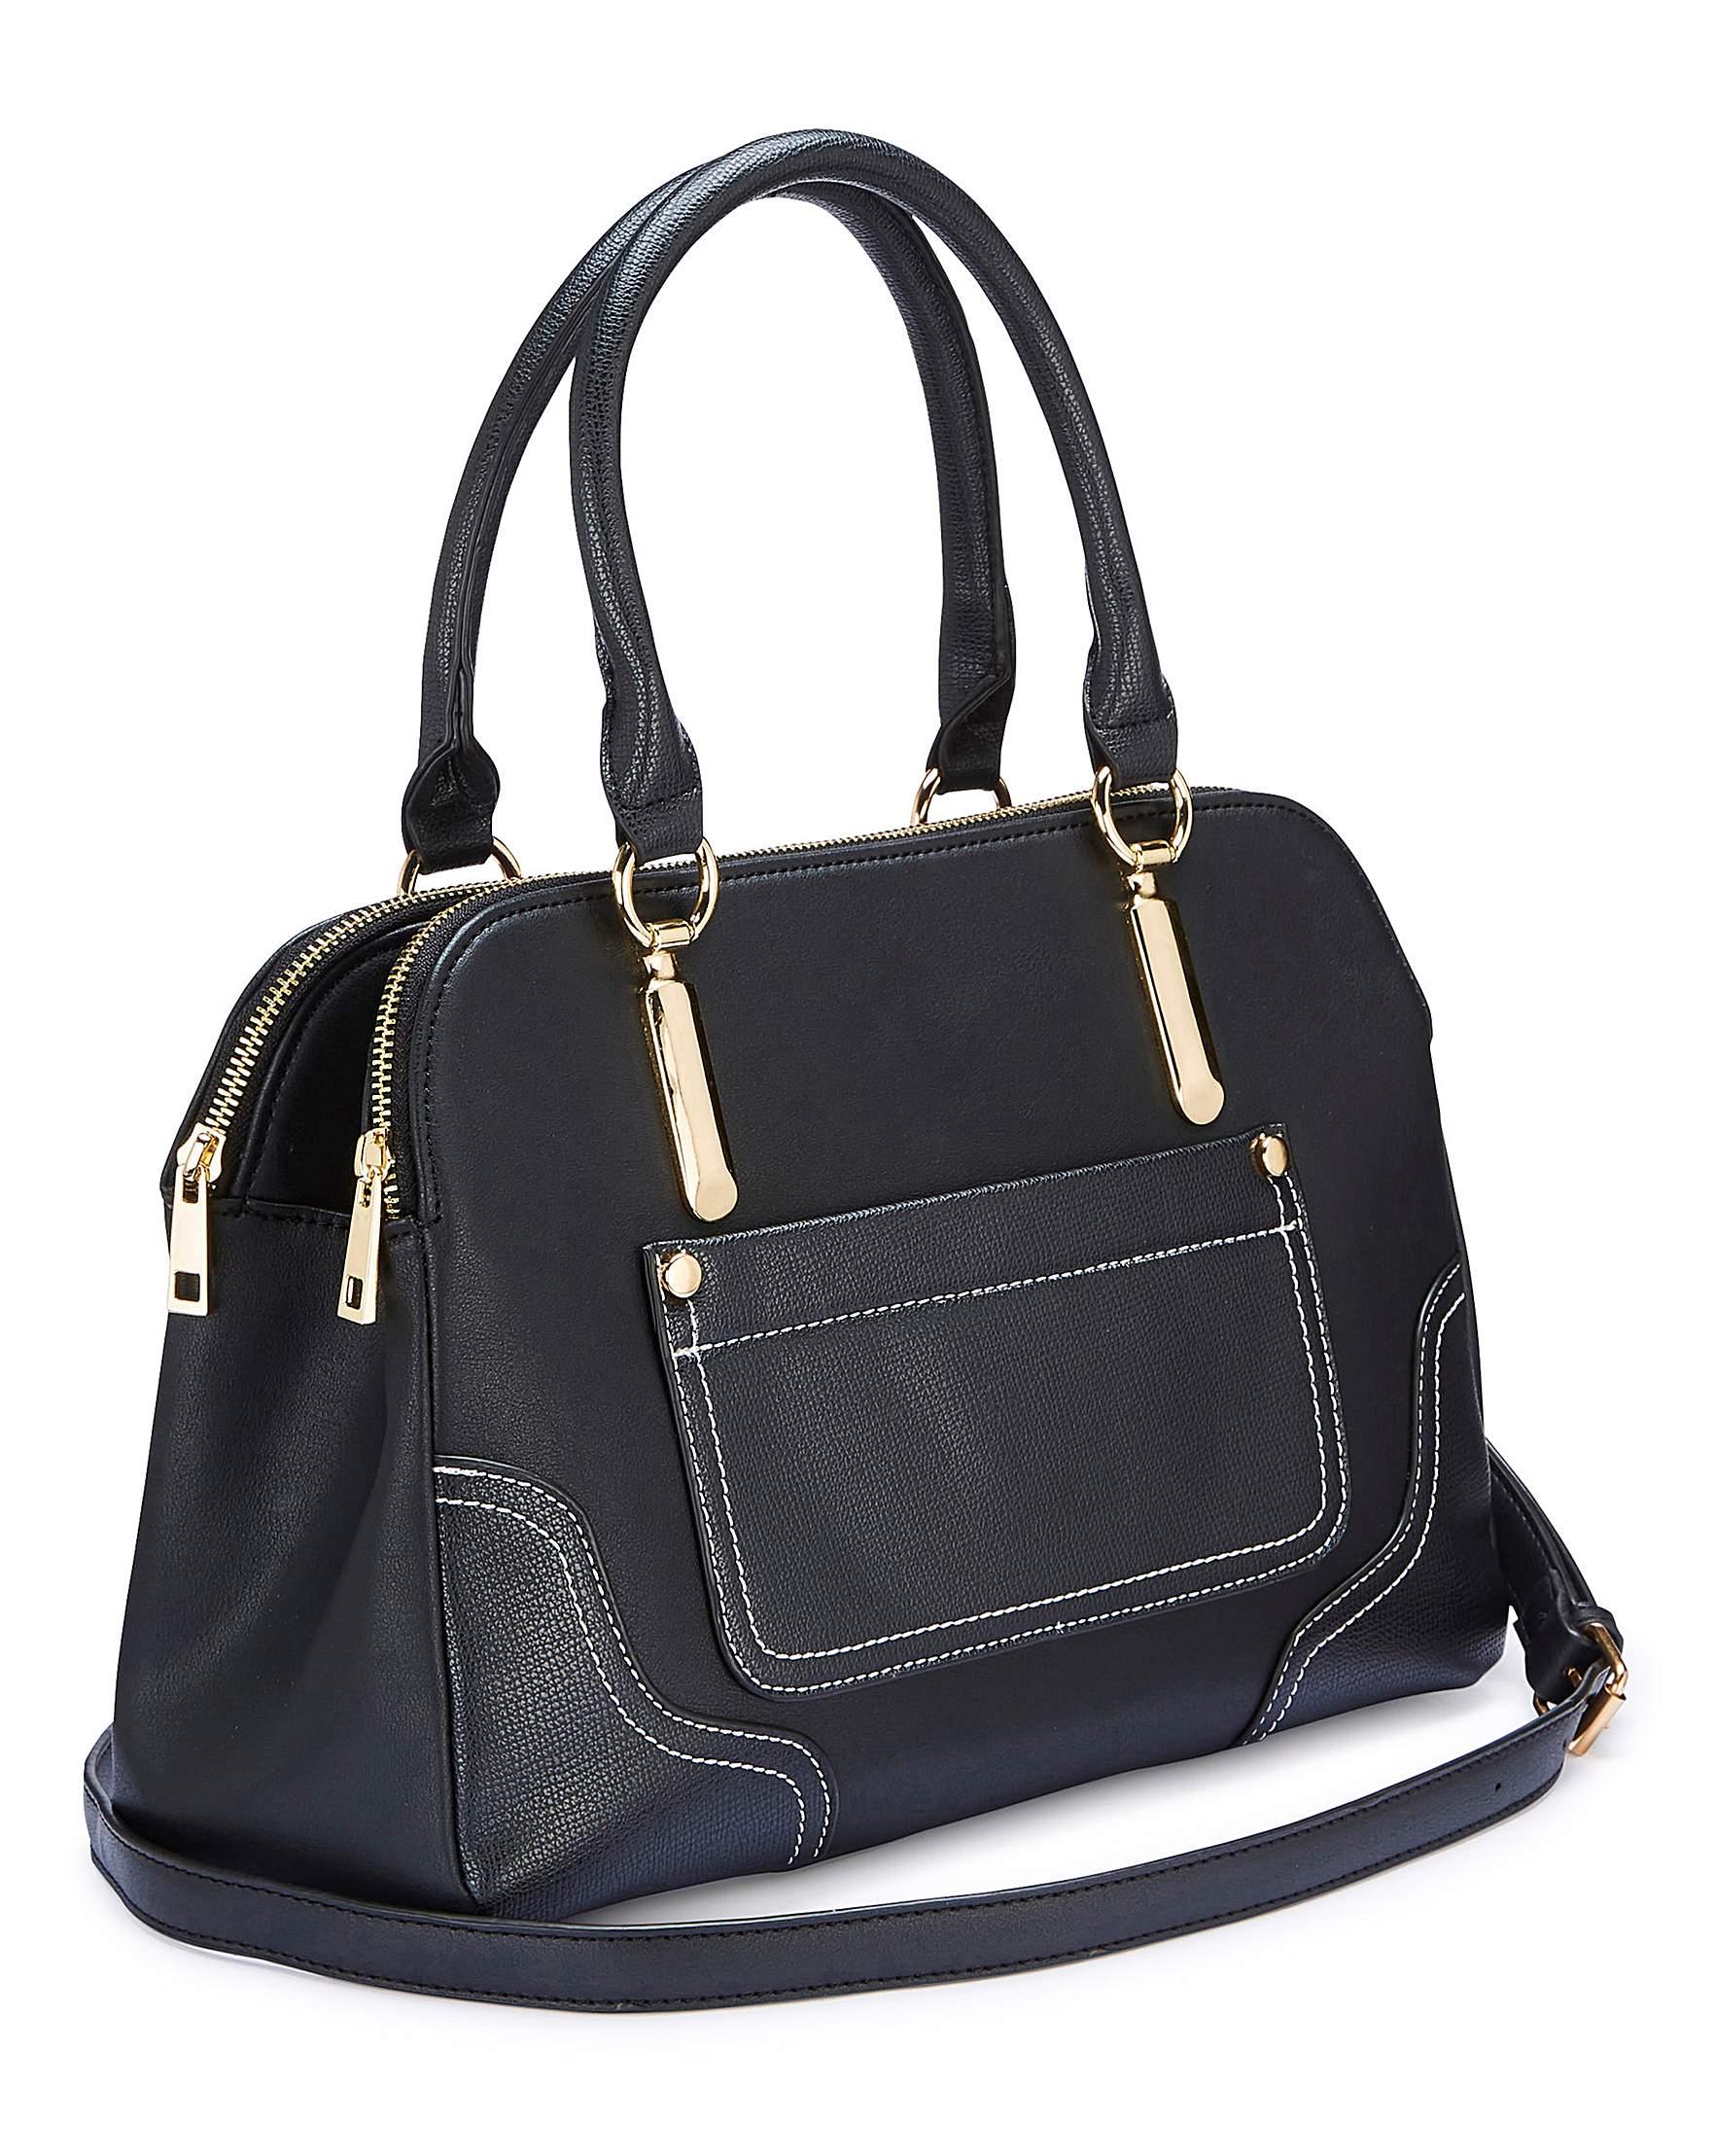 Black Multi Compartment Tote Bag  82d68ca77651f